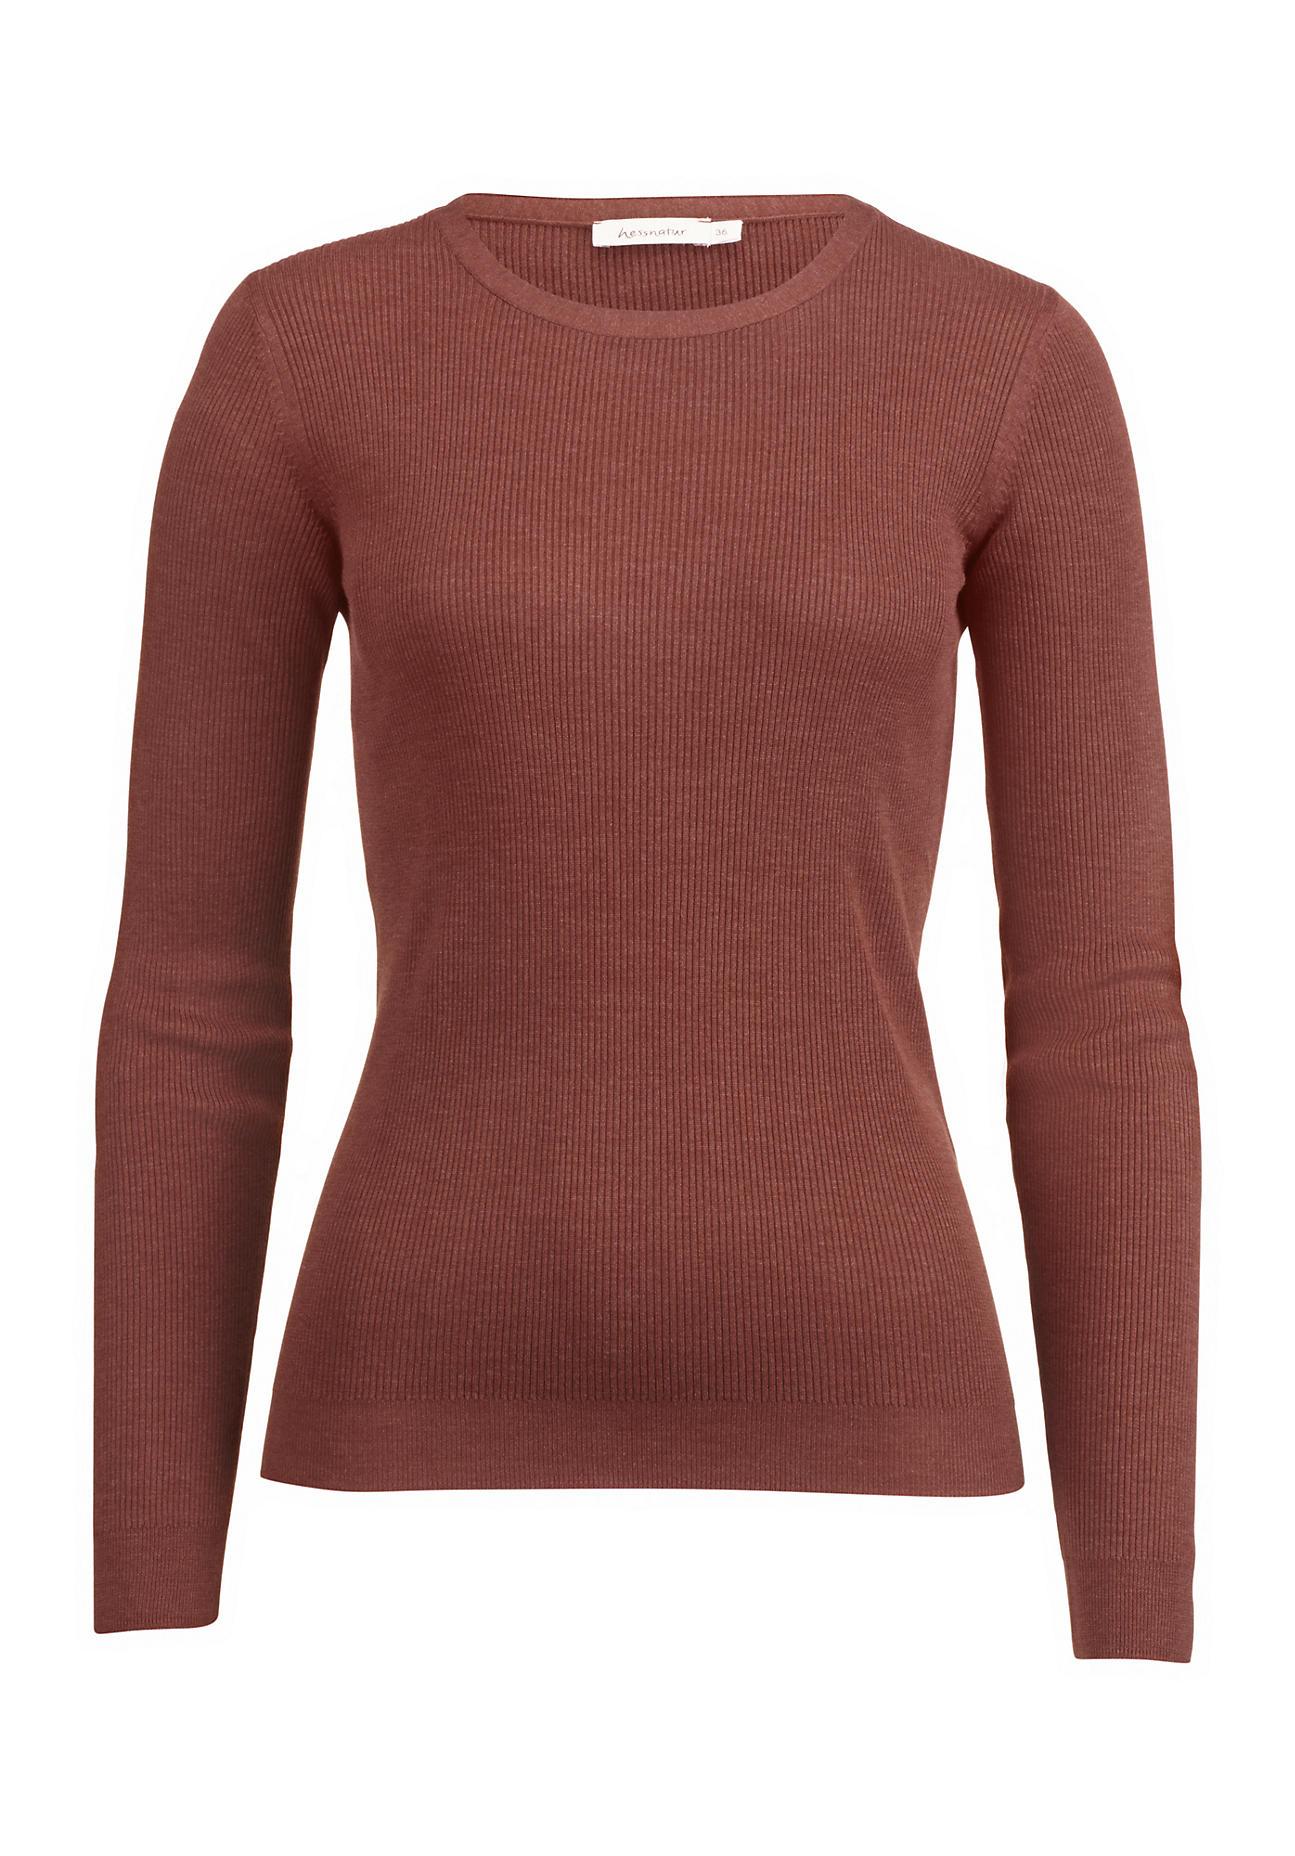 hessnatur Damen Pullover aus Eri-Seide – braun – Größe 36